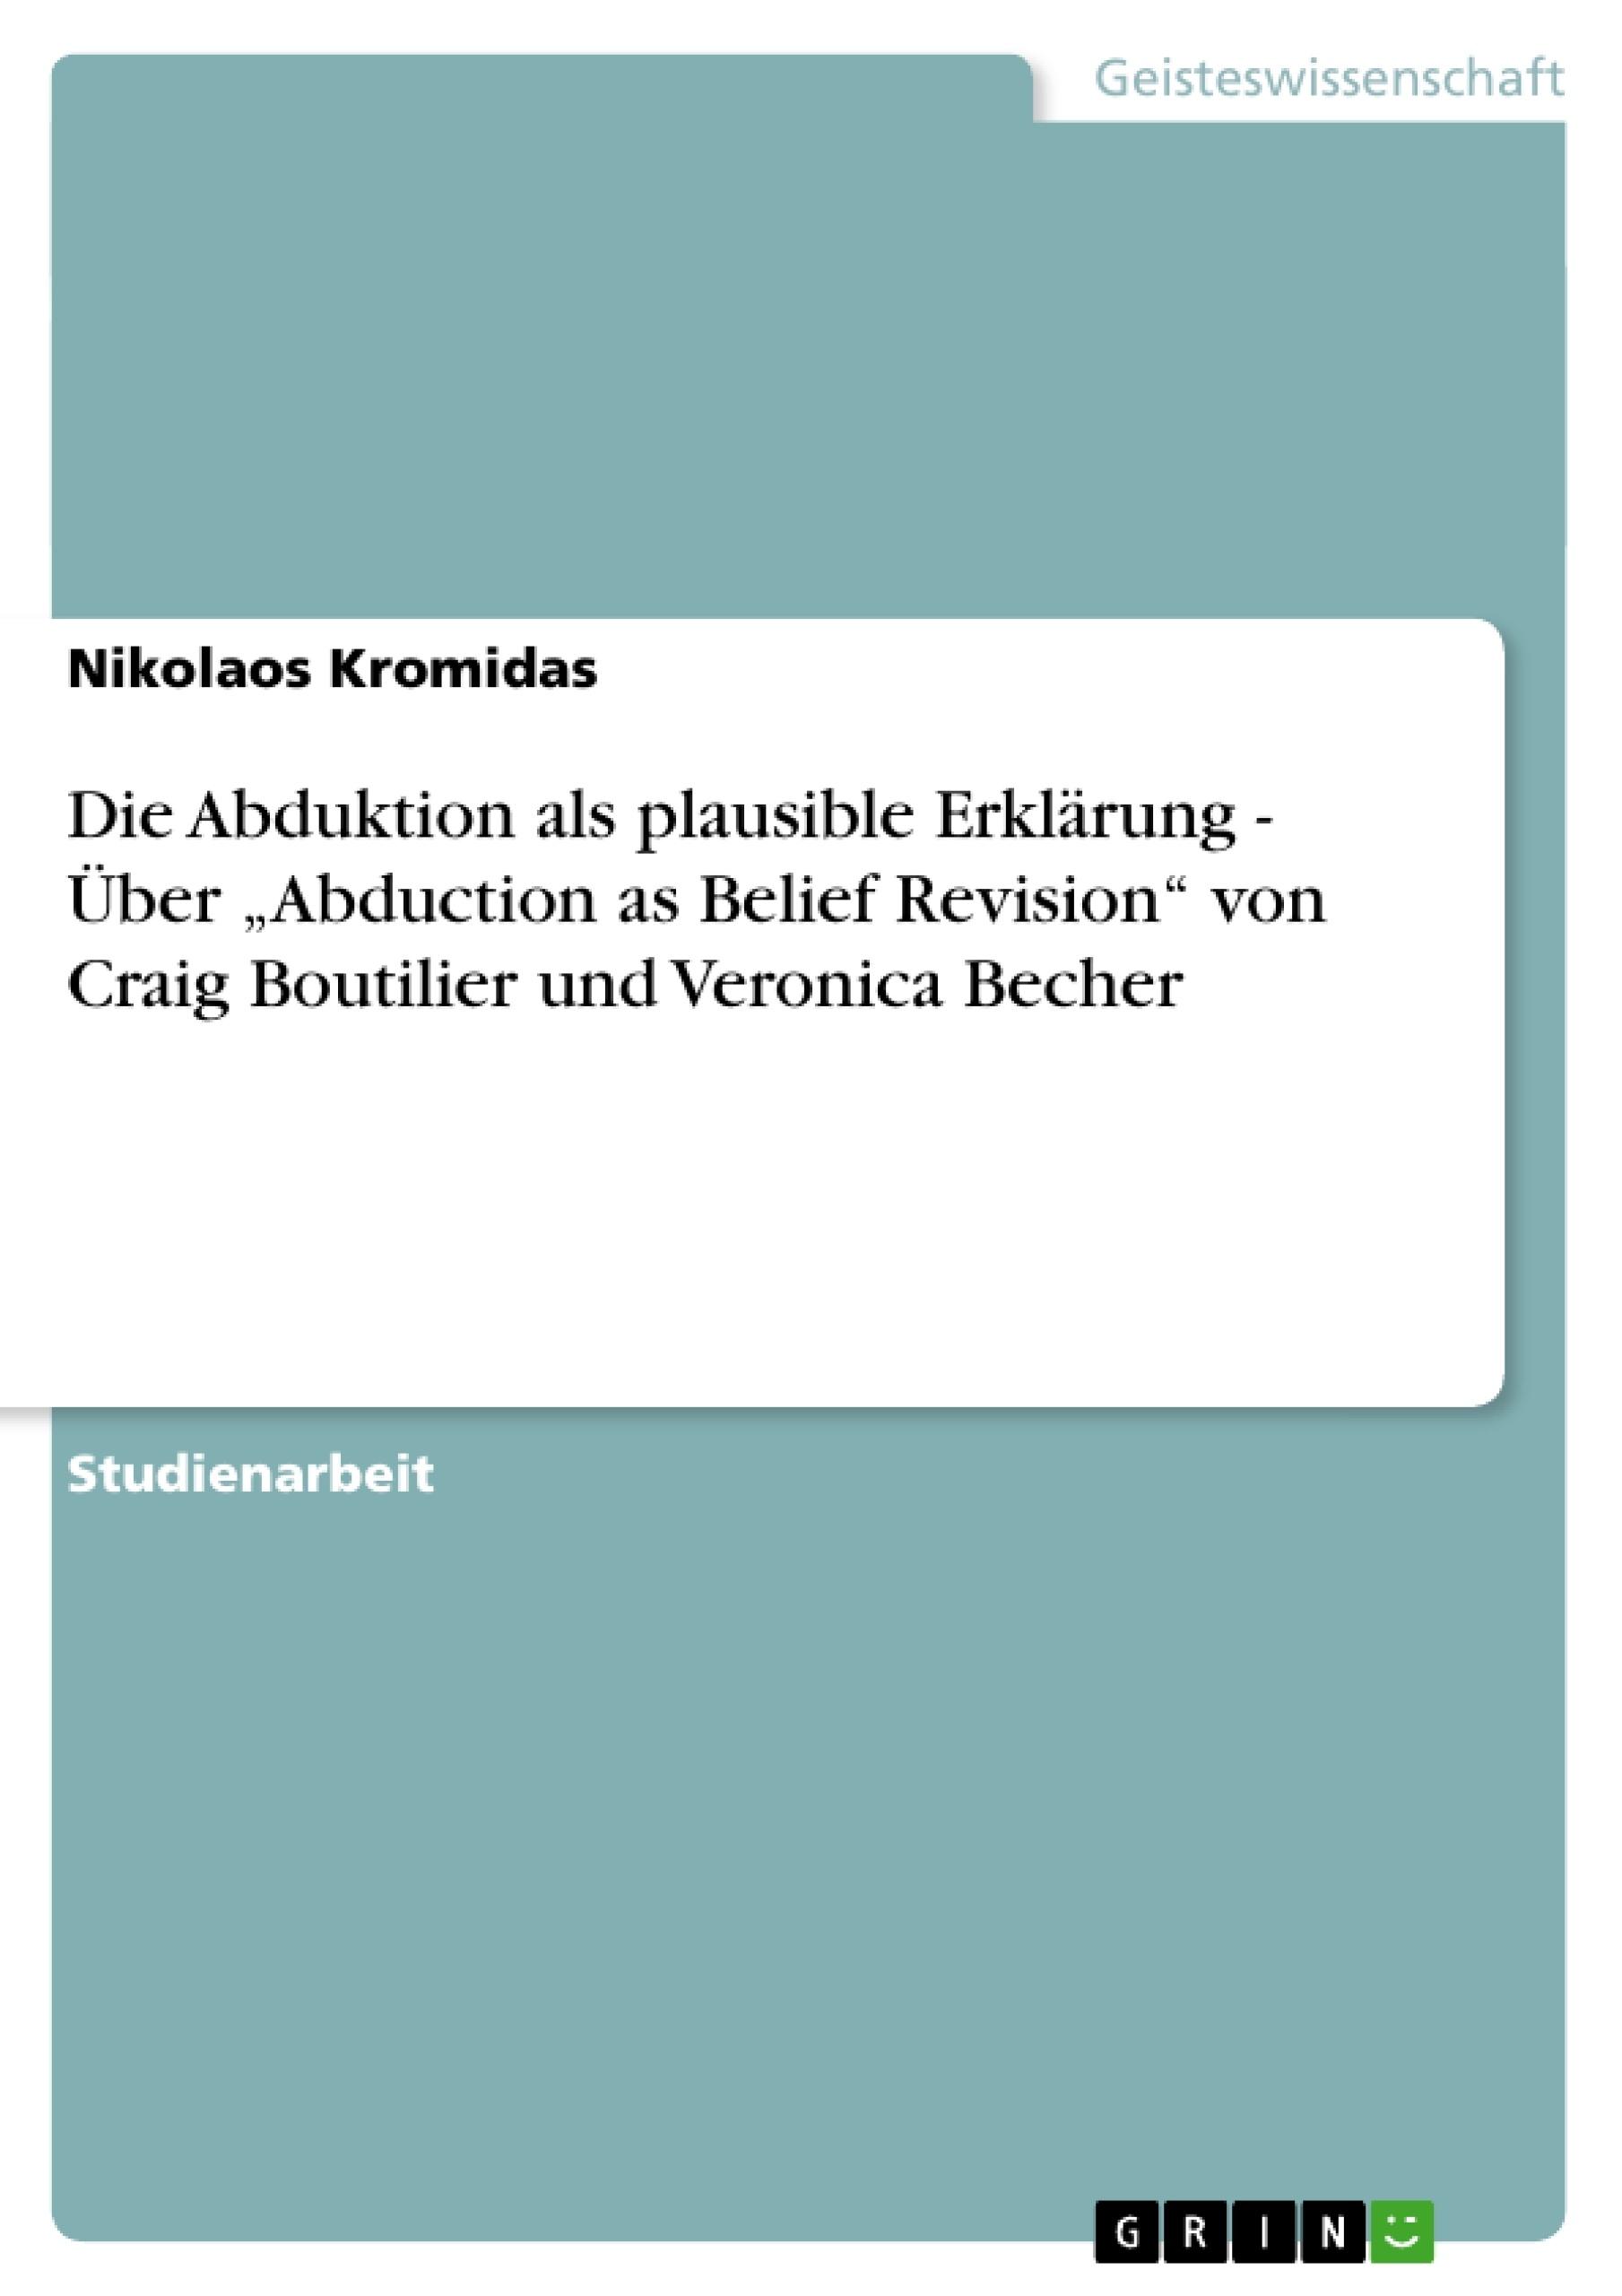 """Titel: Die Abduktion als plausible Erklärung - Über """"Abduction as Belief Revision"""" von Craig Boutilier und Veronica Becher"""